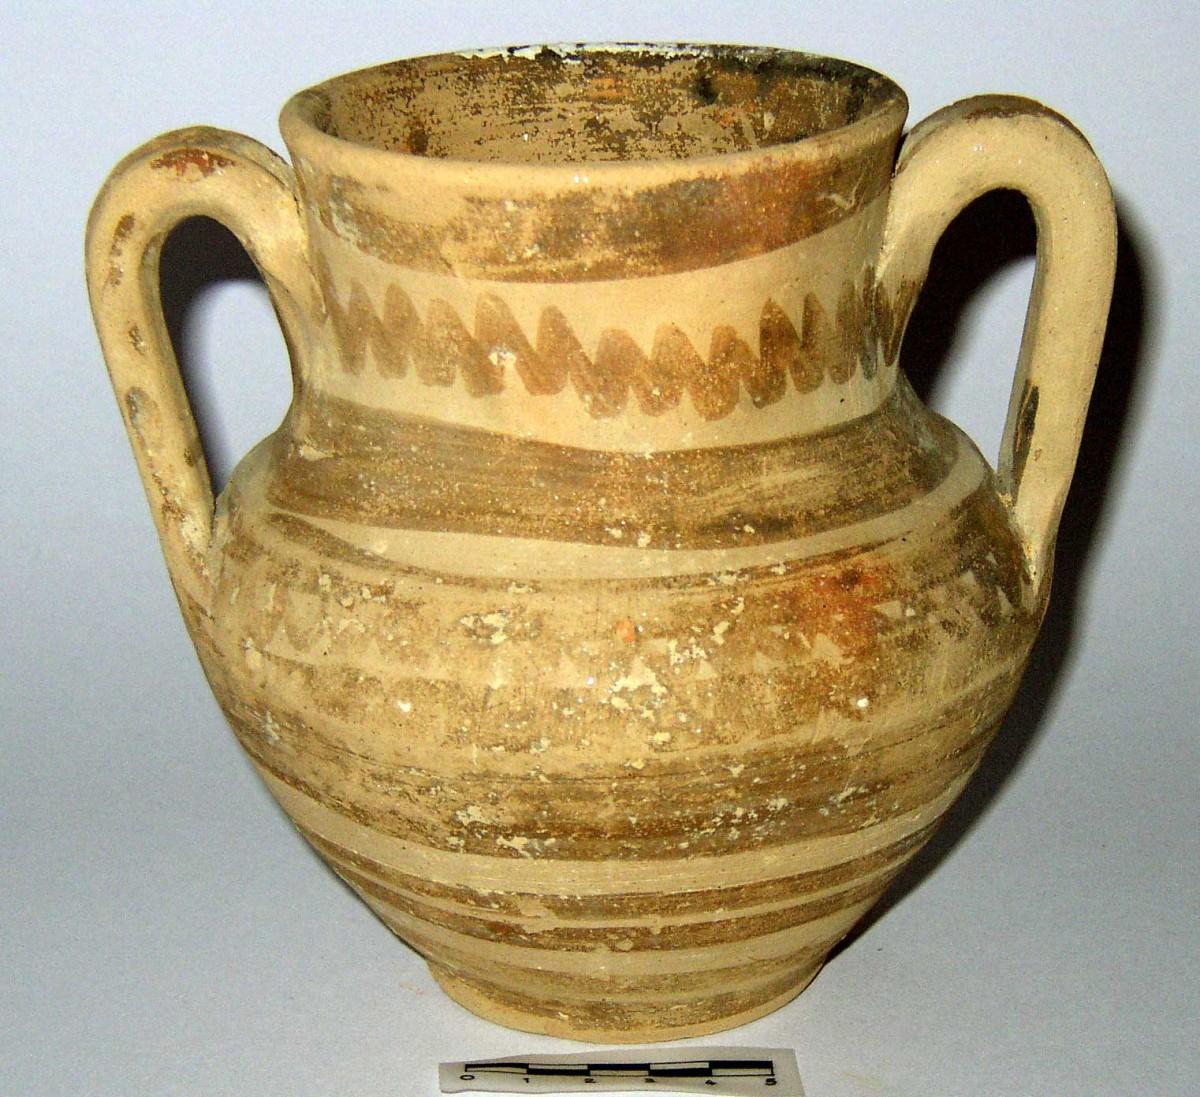 Εικ. 4. Αμφορίσκος Γεωμετρικής εποχής. Μουσείο Βόλου, αρ. ευρ. Κ2544.